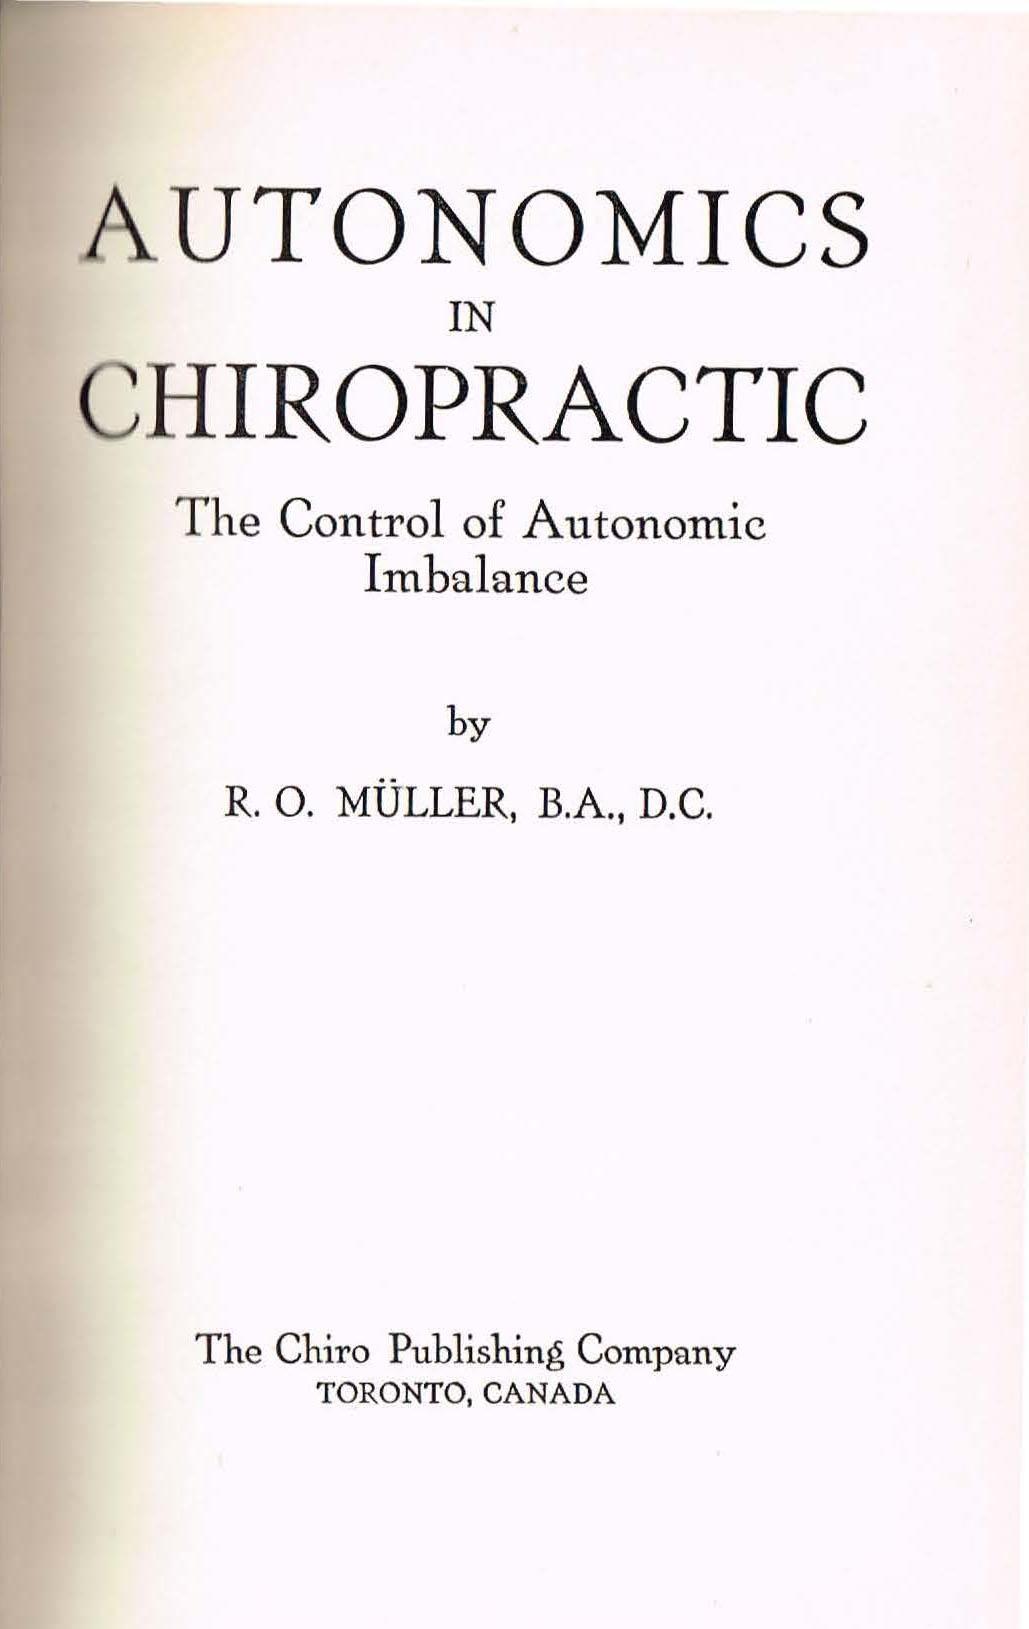 Muller's Autonomics in Chiropractic (1954)